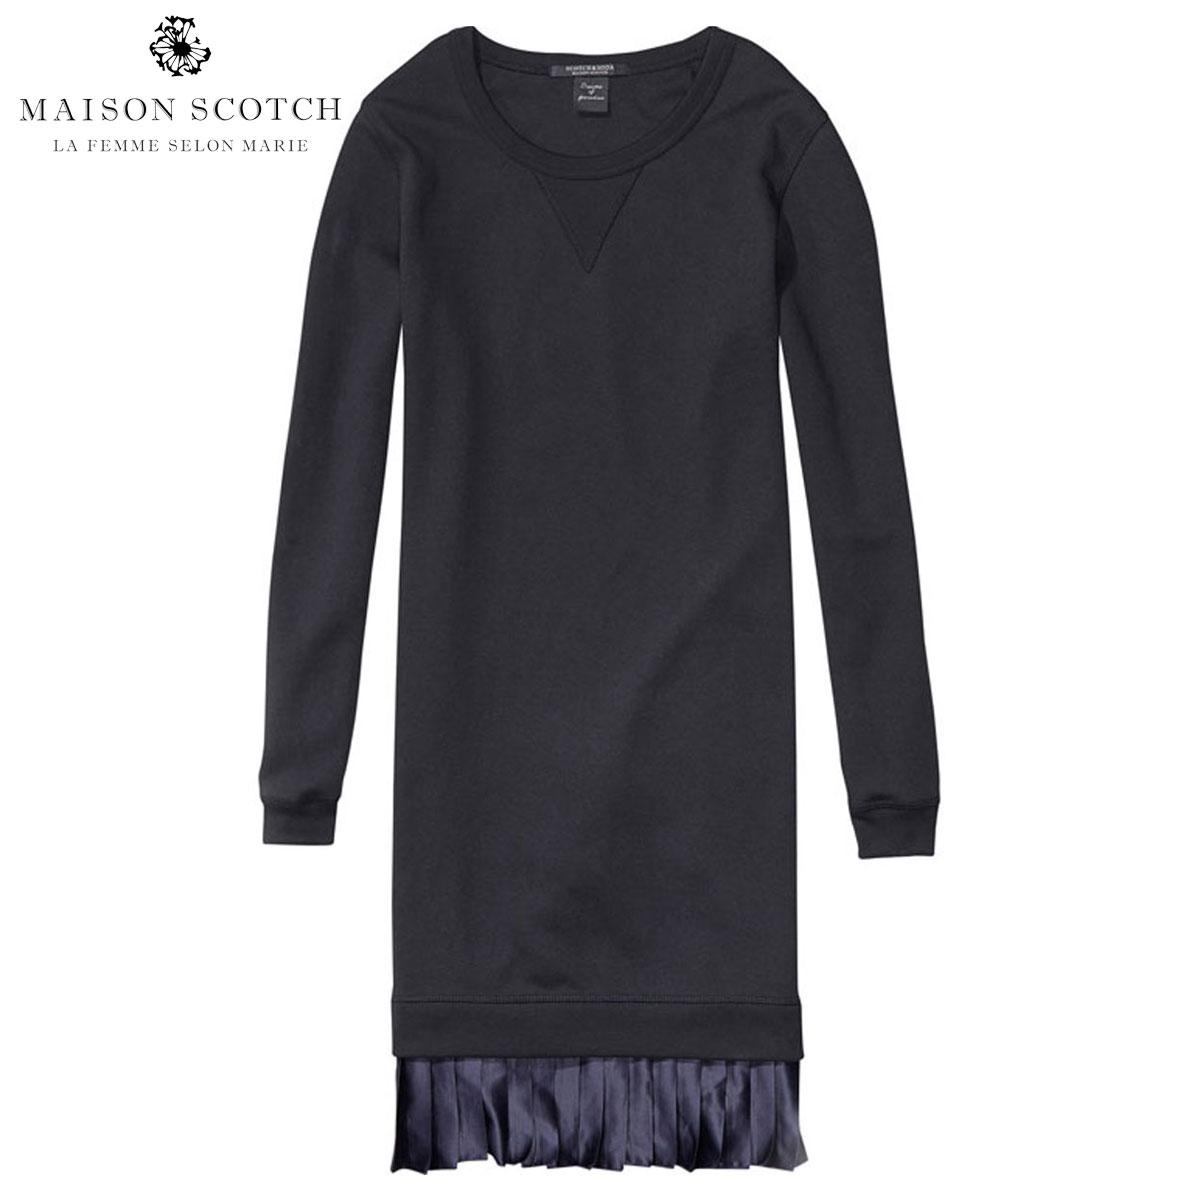 メゾンスコッチ MAISON SCOTCH 正規販売店 レディース ドレス straight fit dress 134125 08